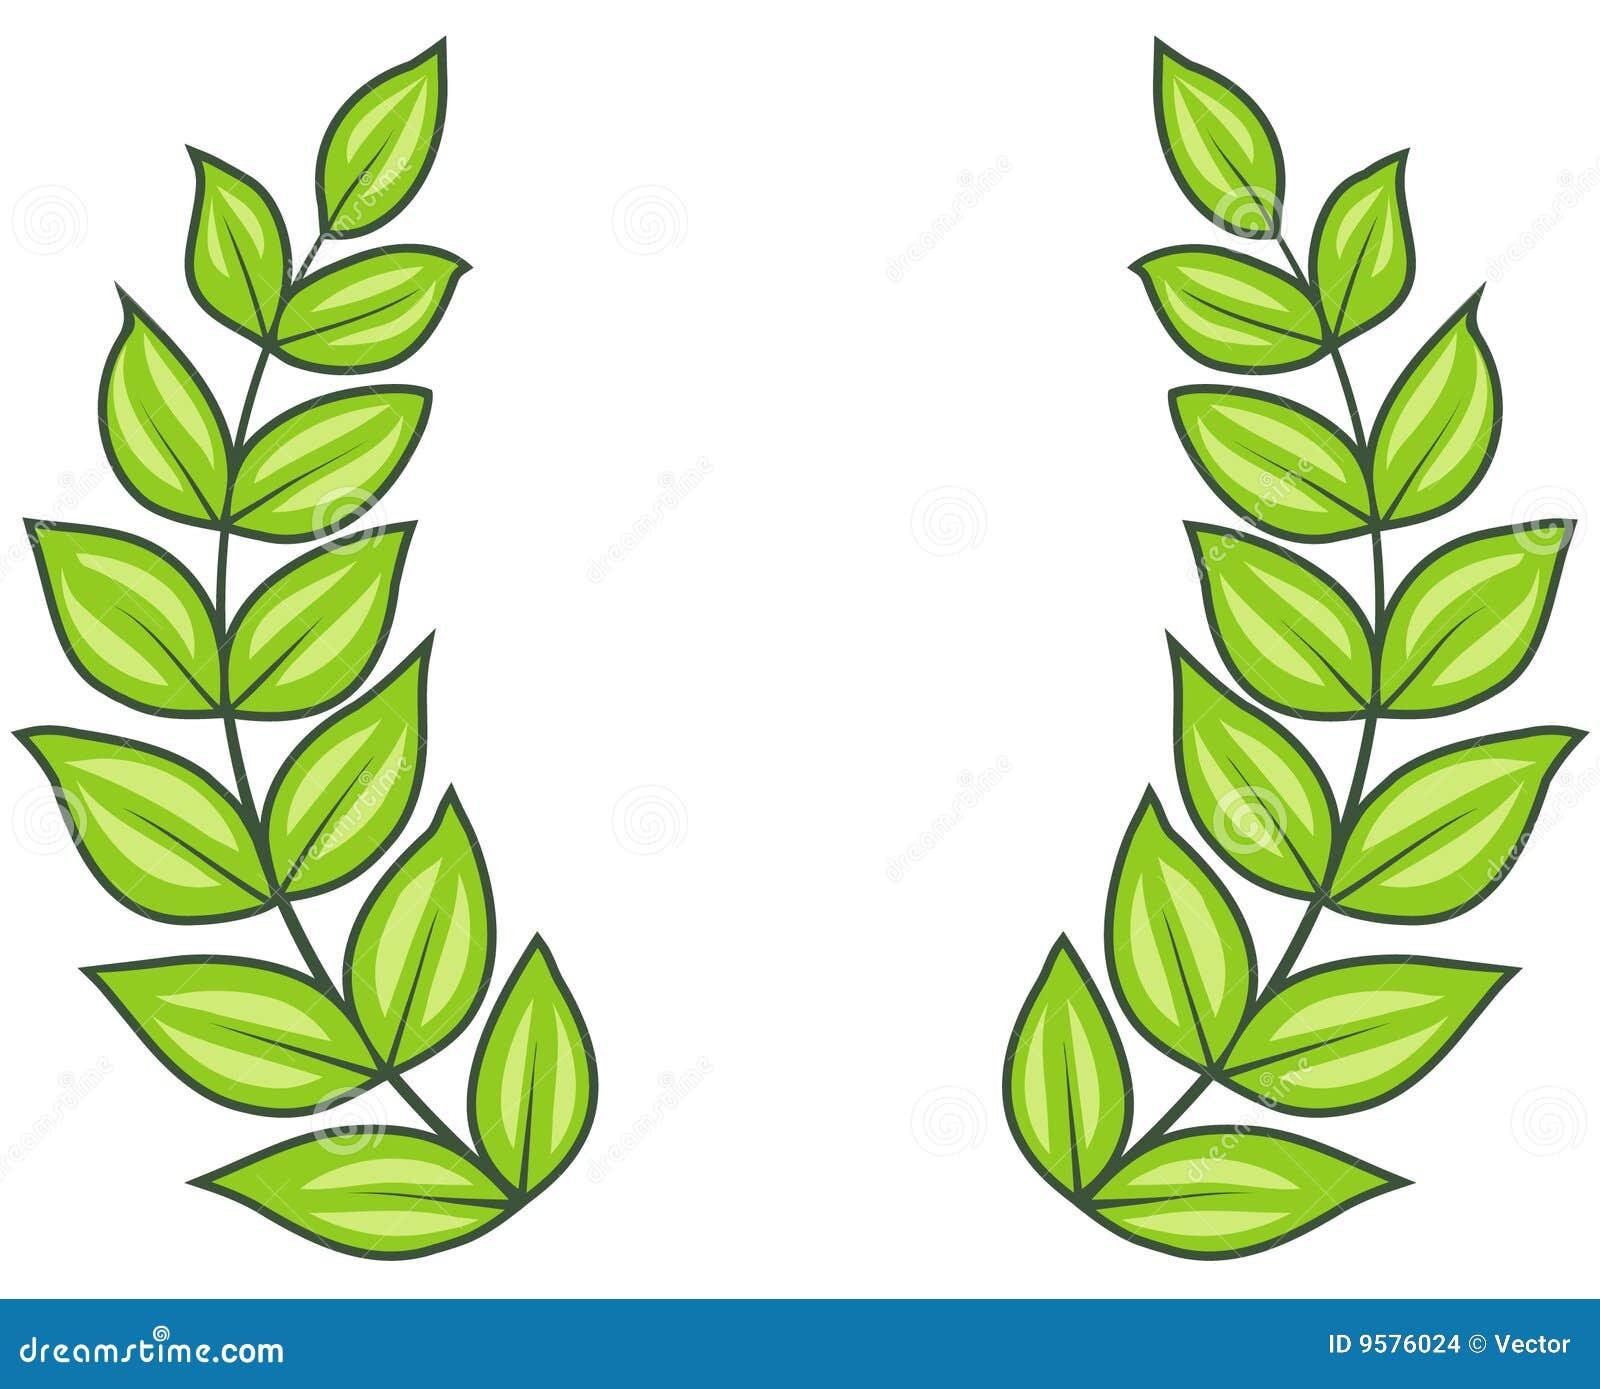 Laurel Wreath (Vector)